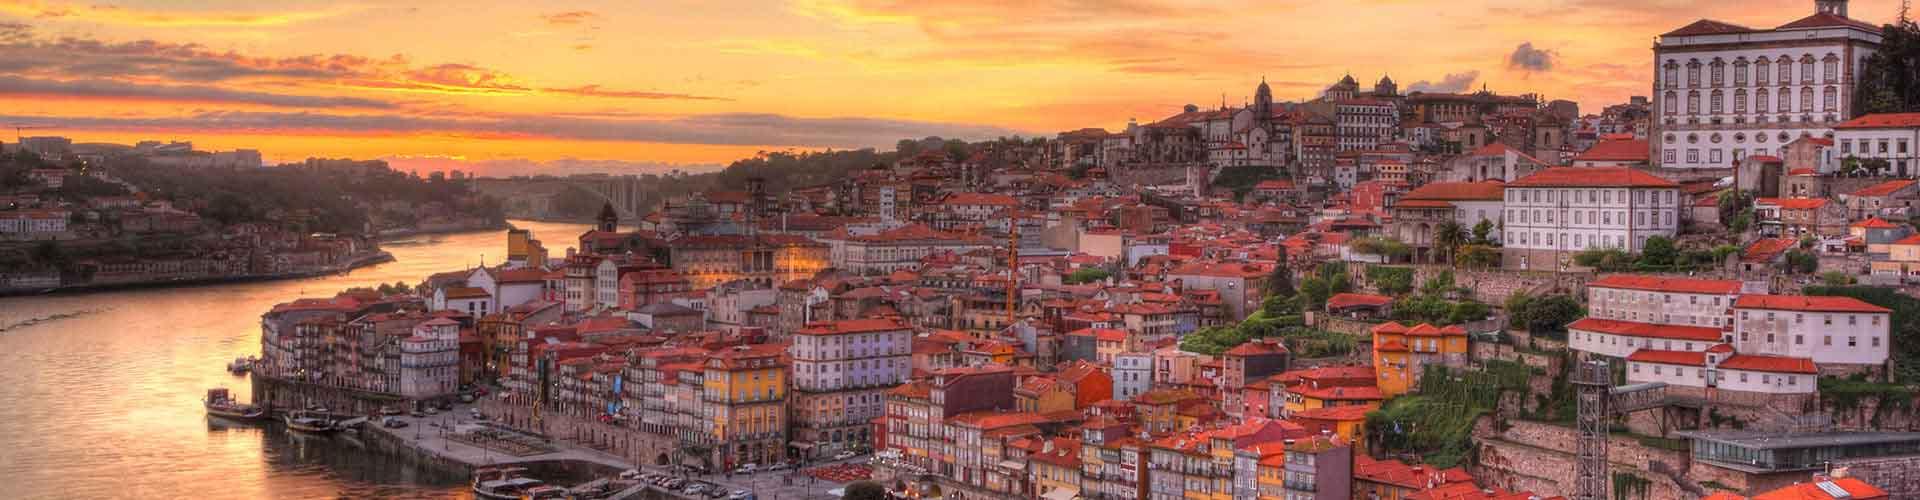 Porto - Hotelek Porto. Porto térképek, fotók és ajánlások minden egyes Porto hotelről.